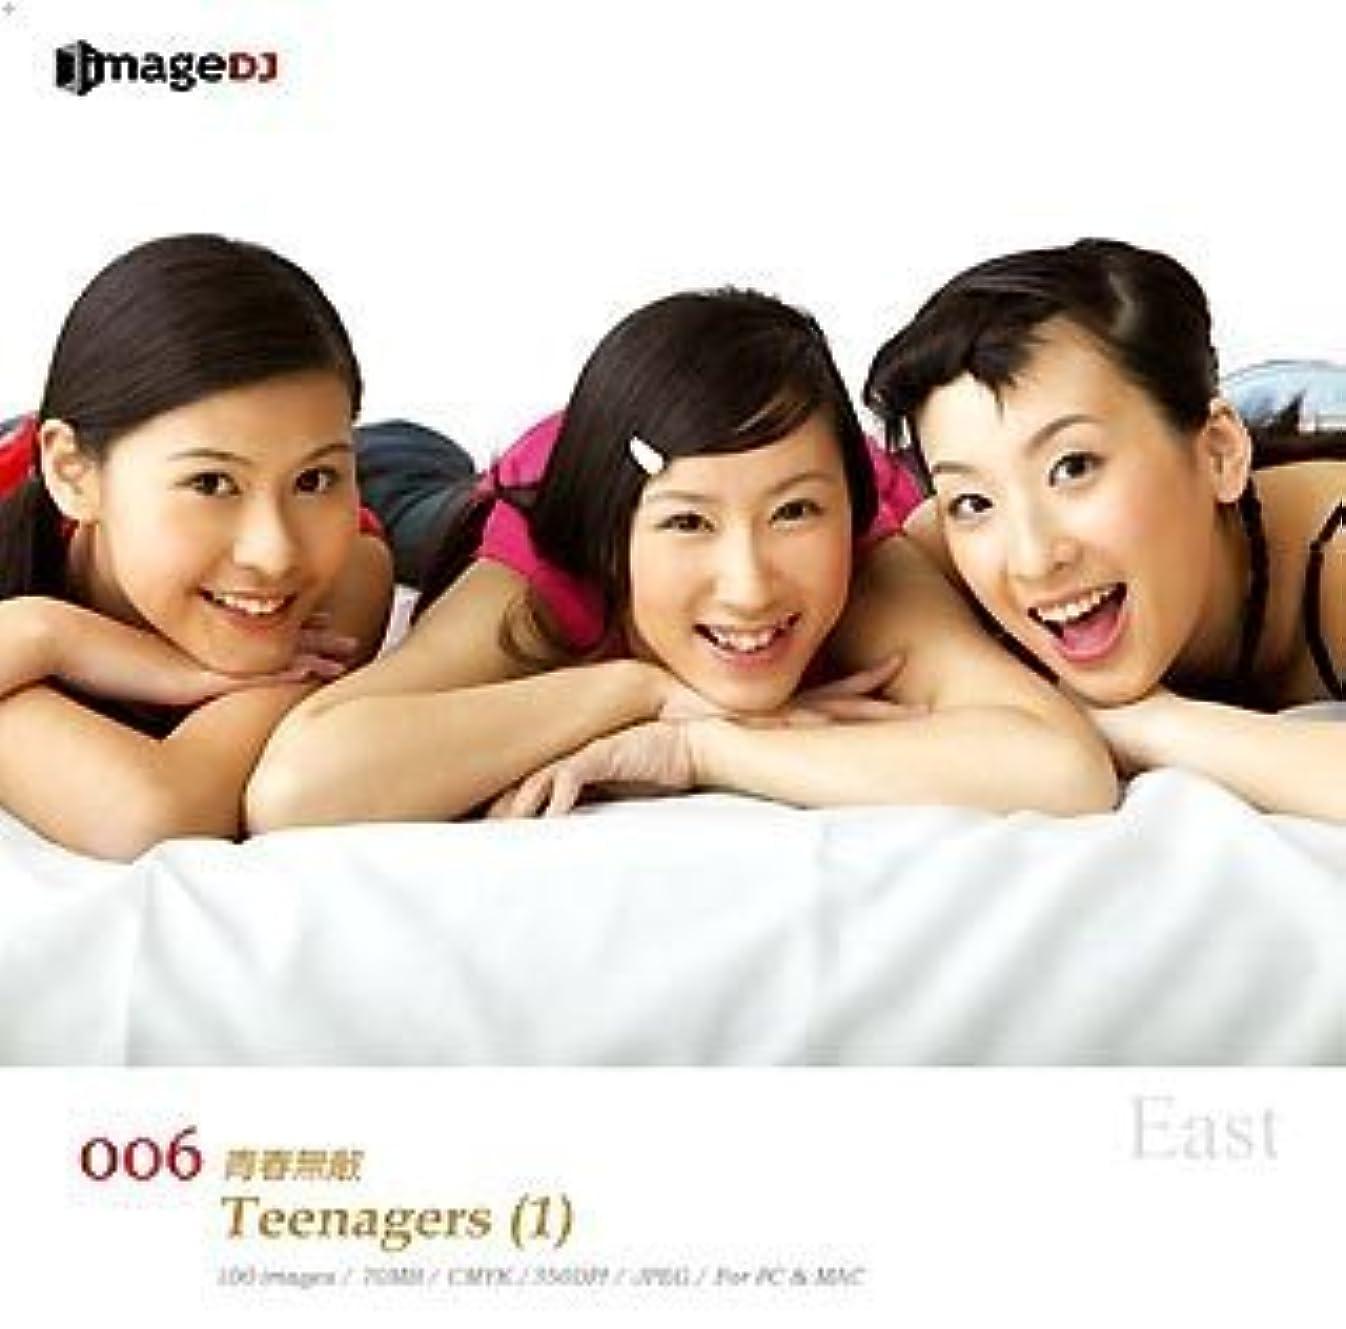 テメリティパキスタン締め切りEAST vol.6 ティーンエイジャー(1) Teenagers (1)